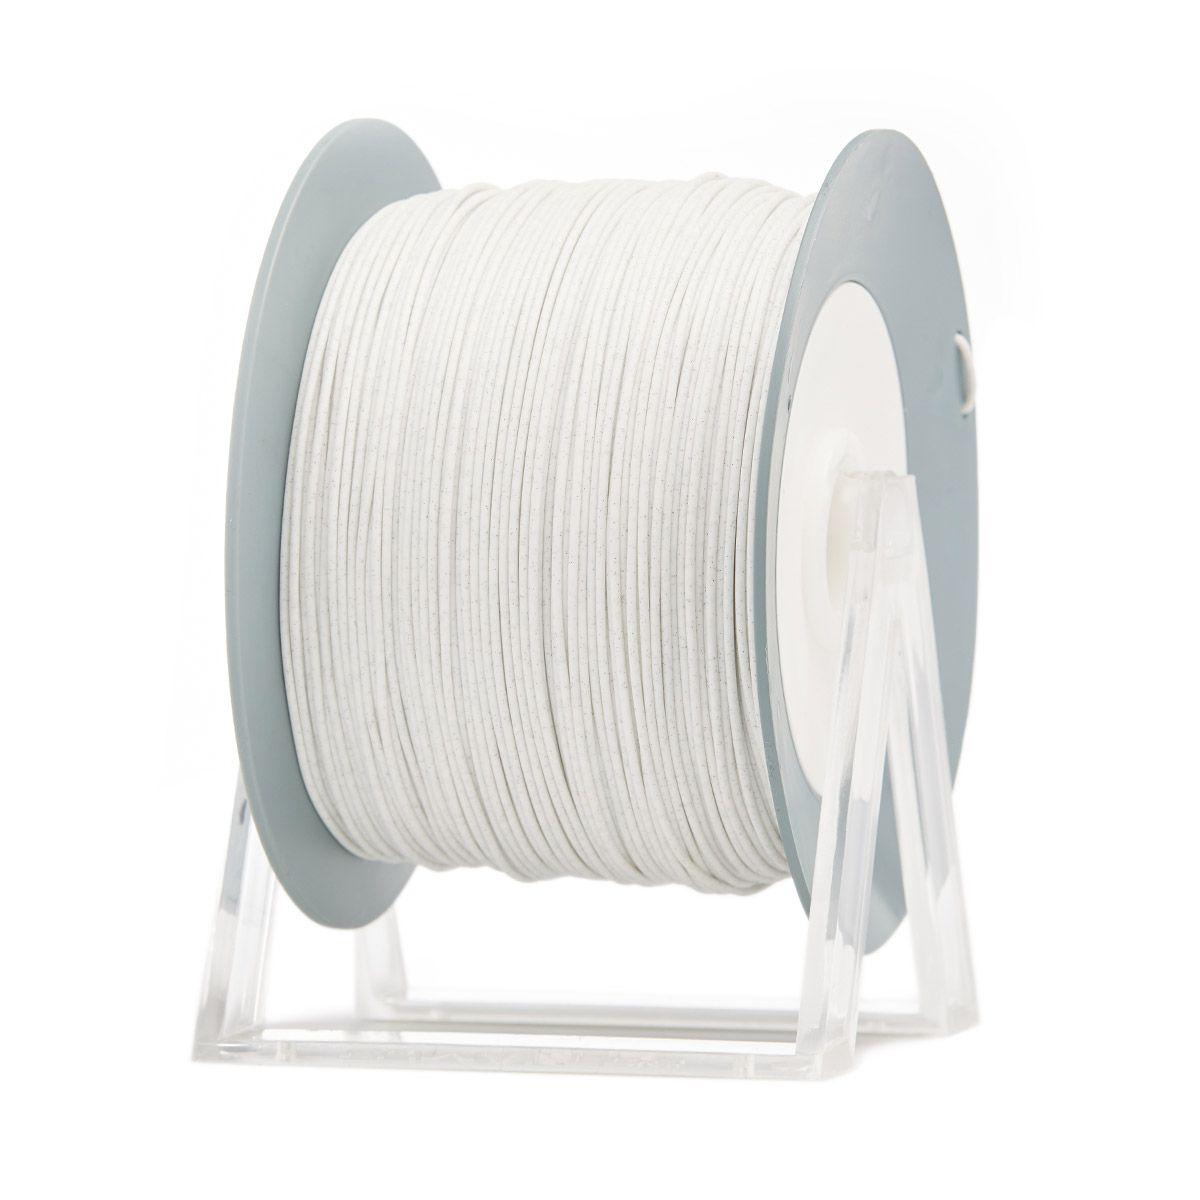 PLA Filament | Color: Marble Effect